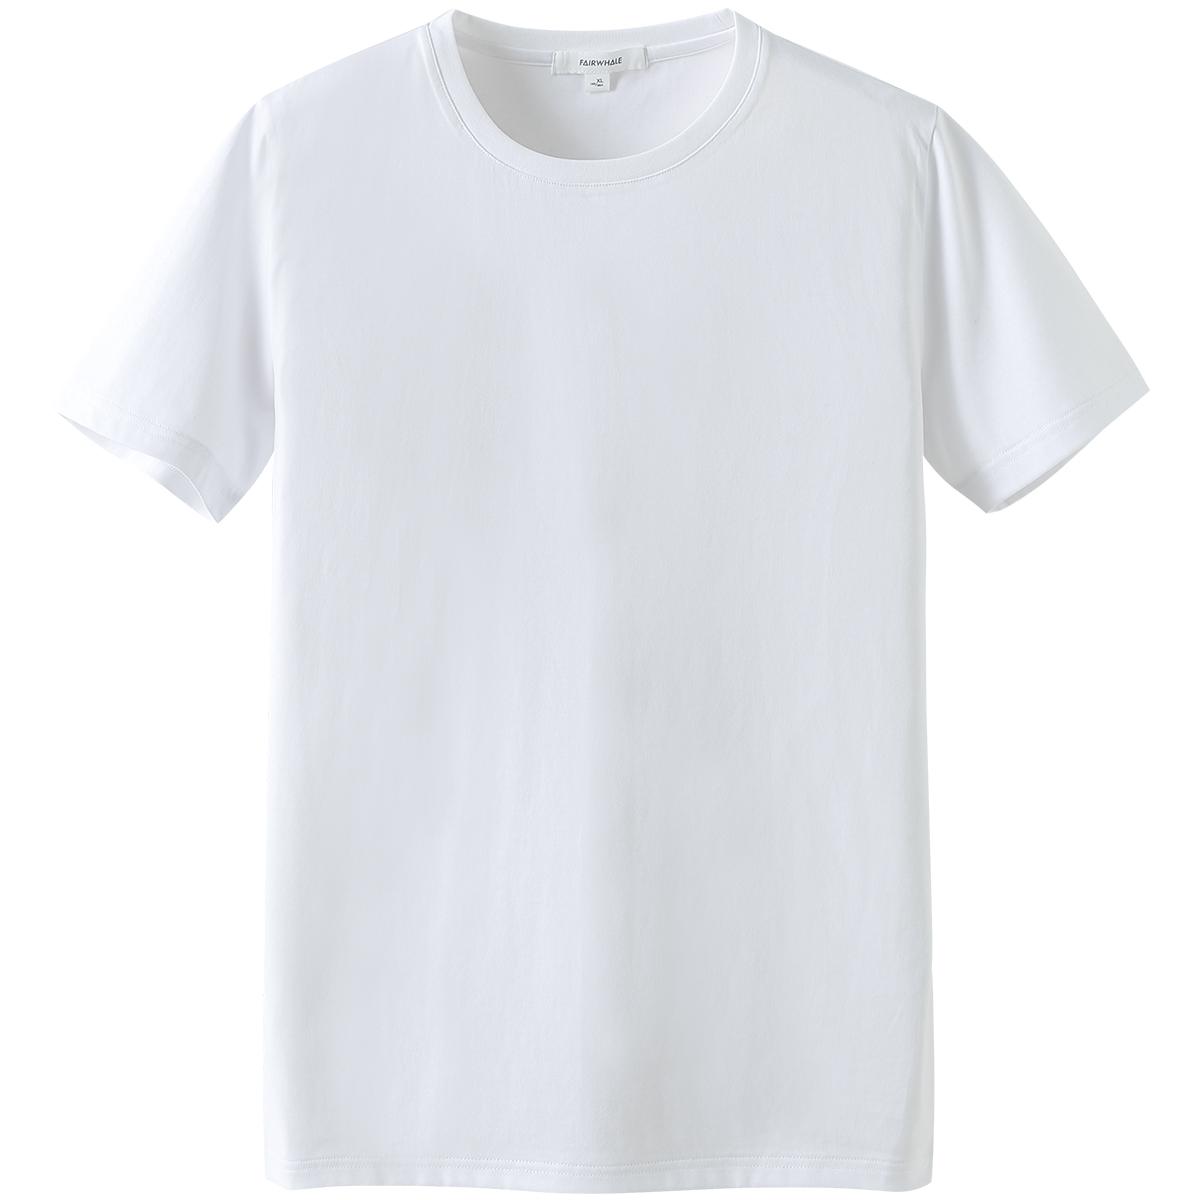 马克华菲官方旗舰店 t恤男装上衣半袖打底衫夏季白色男士短袖衣服高清大图